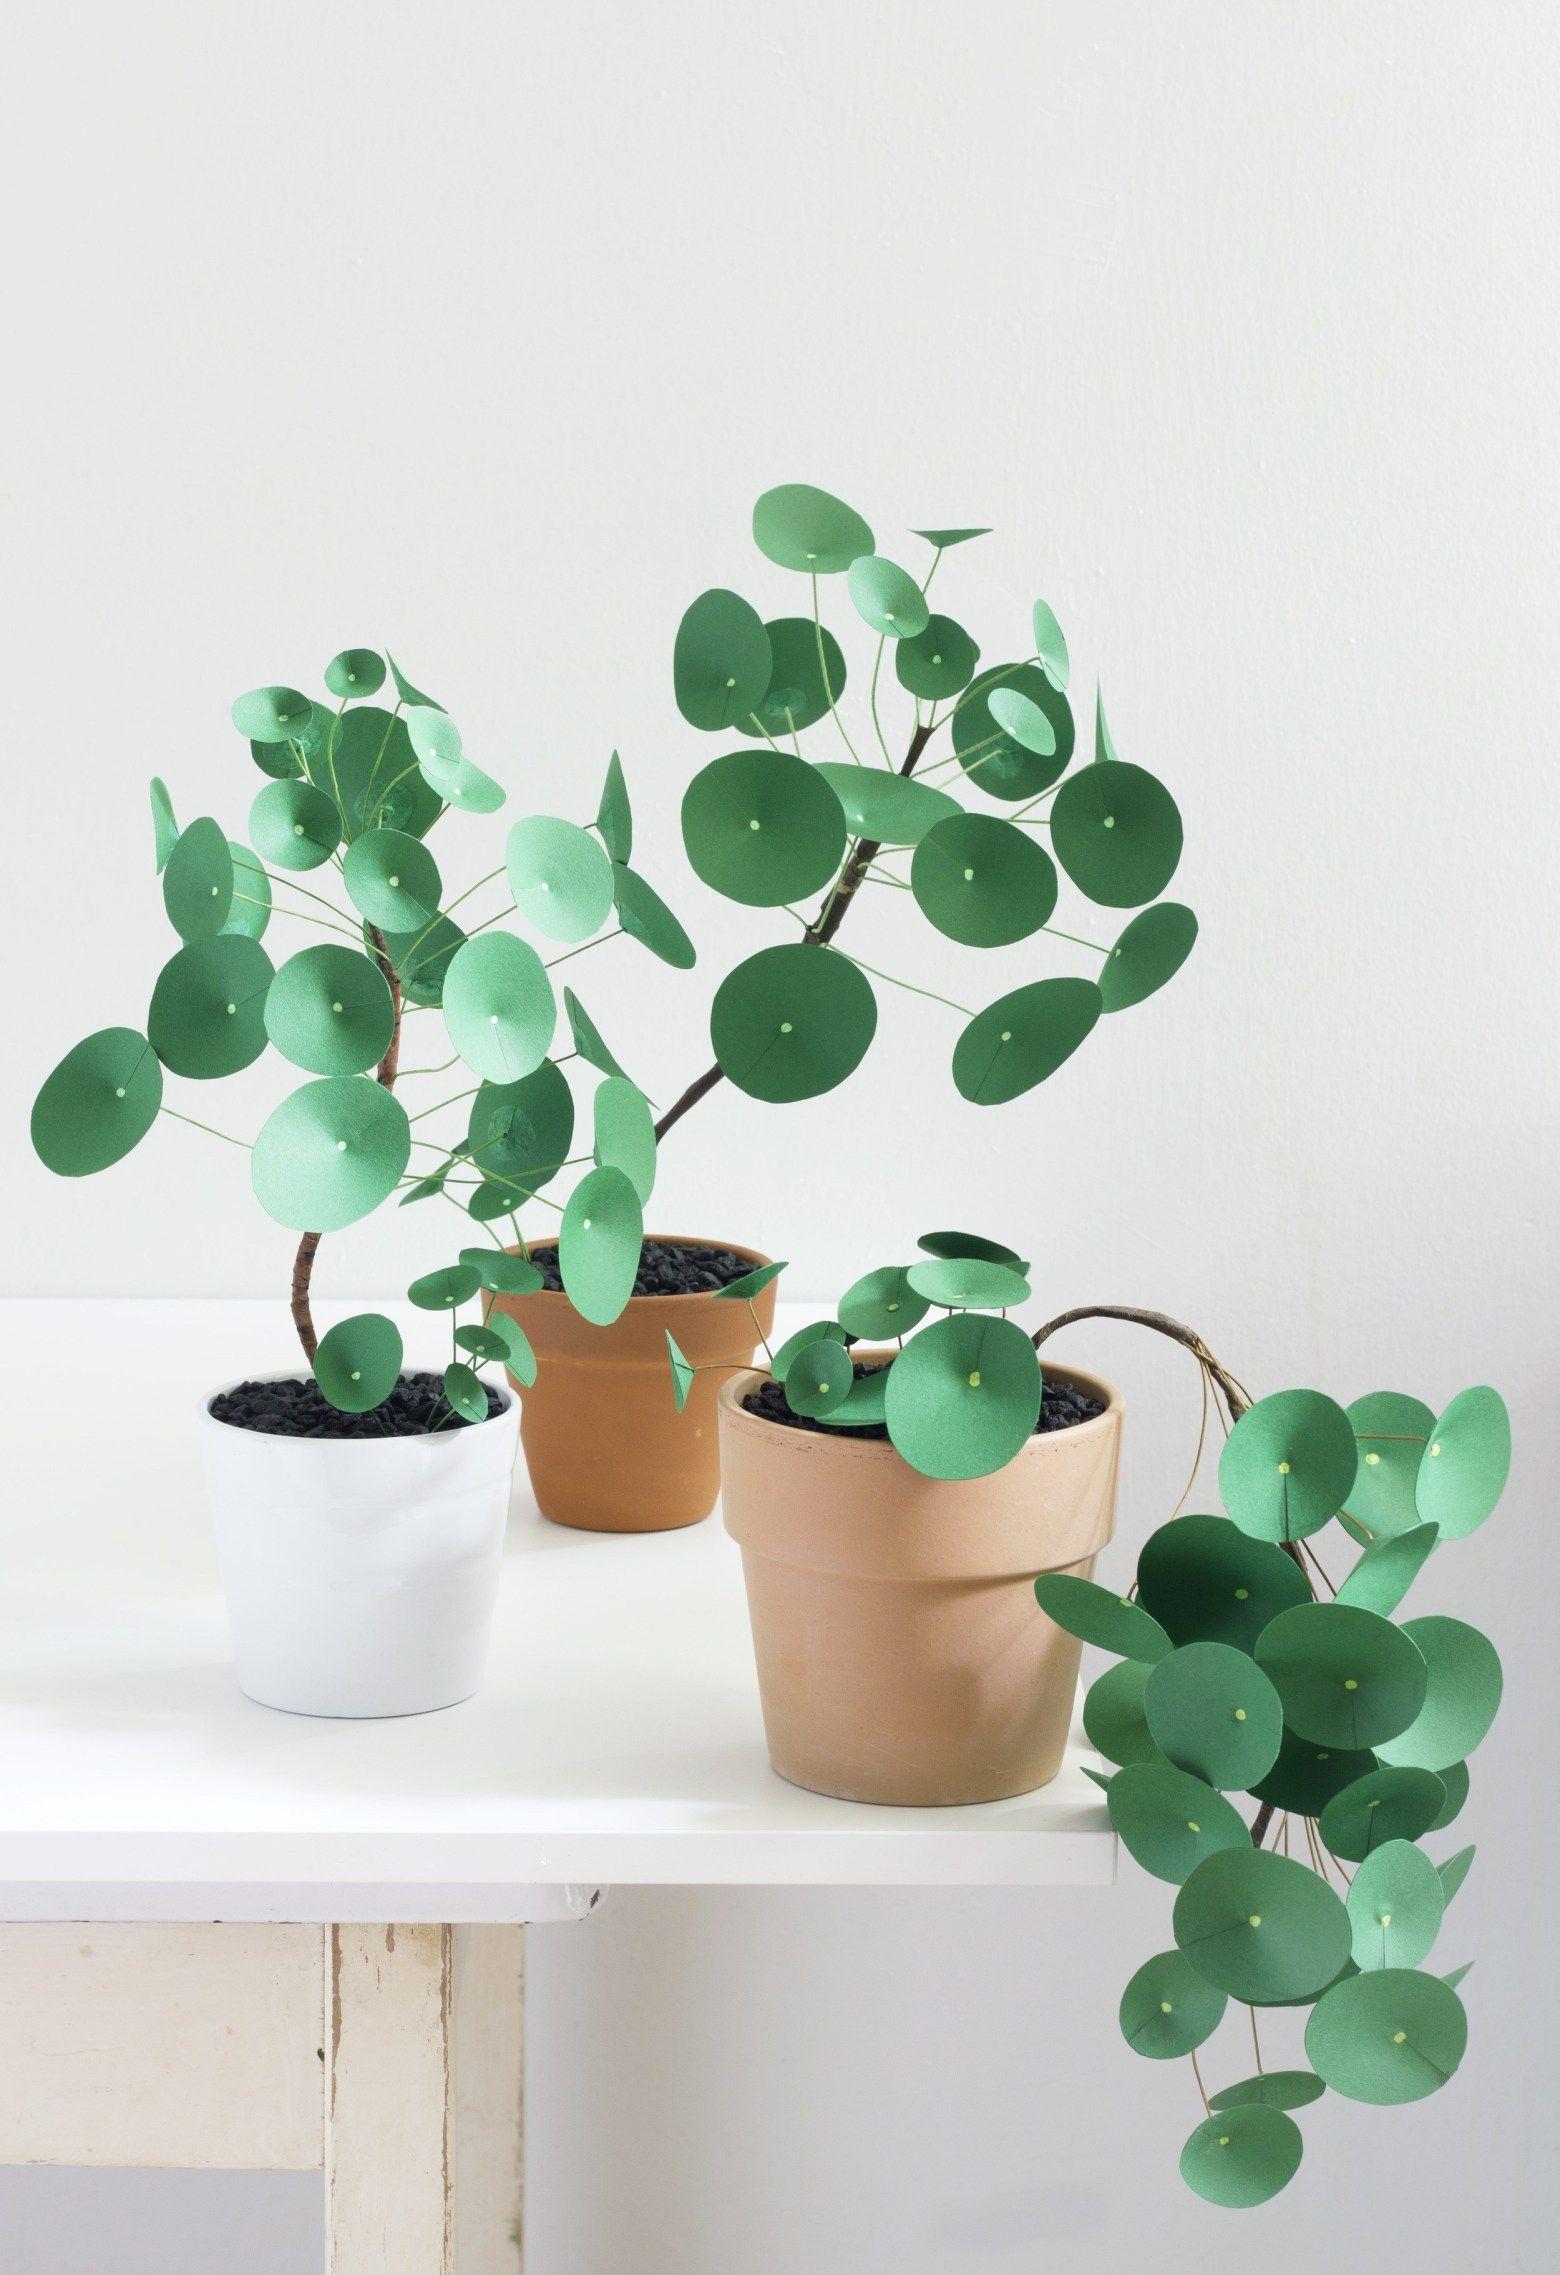 Plante En Papier Diy Et Inspirations Blog Deco Clemaroundthecorner Plantes En Papier Fleurs En Papier Decoration Faite Main